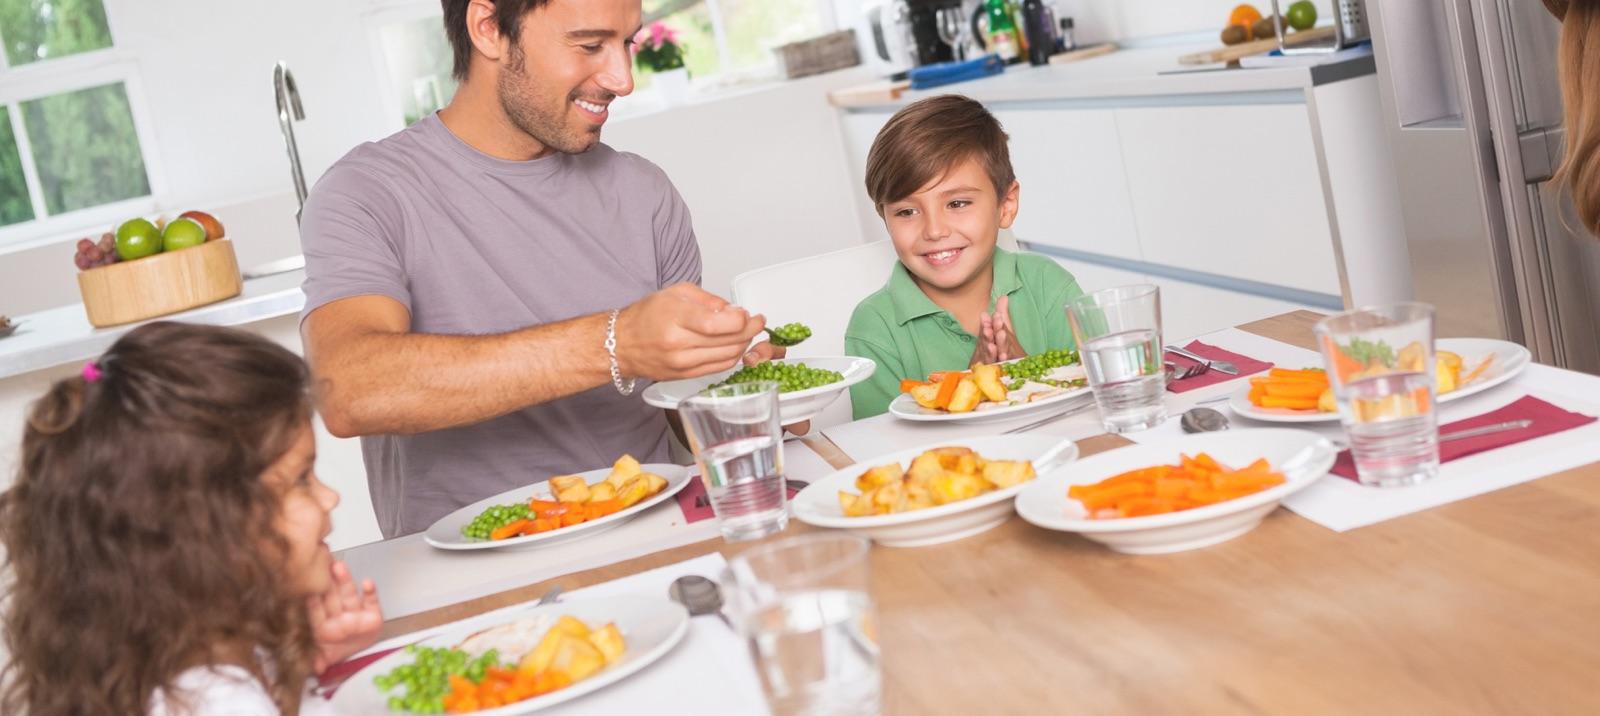 Nutra Food Ingredients